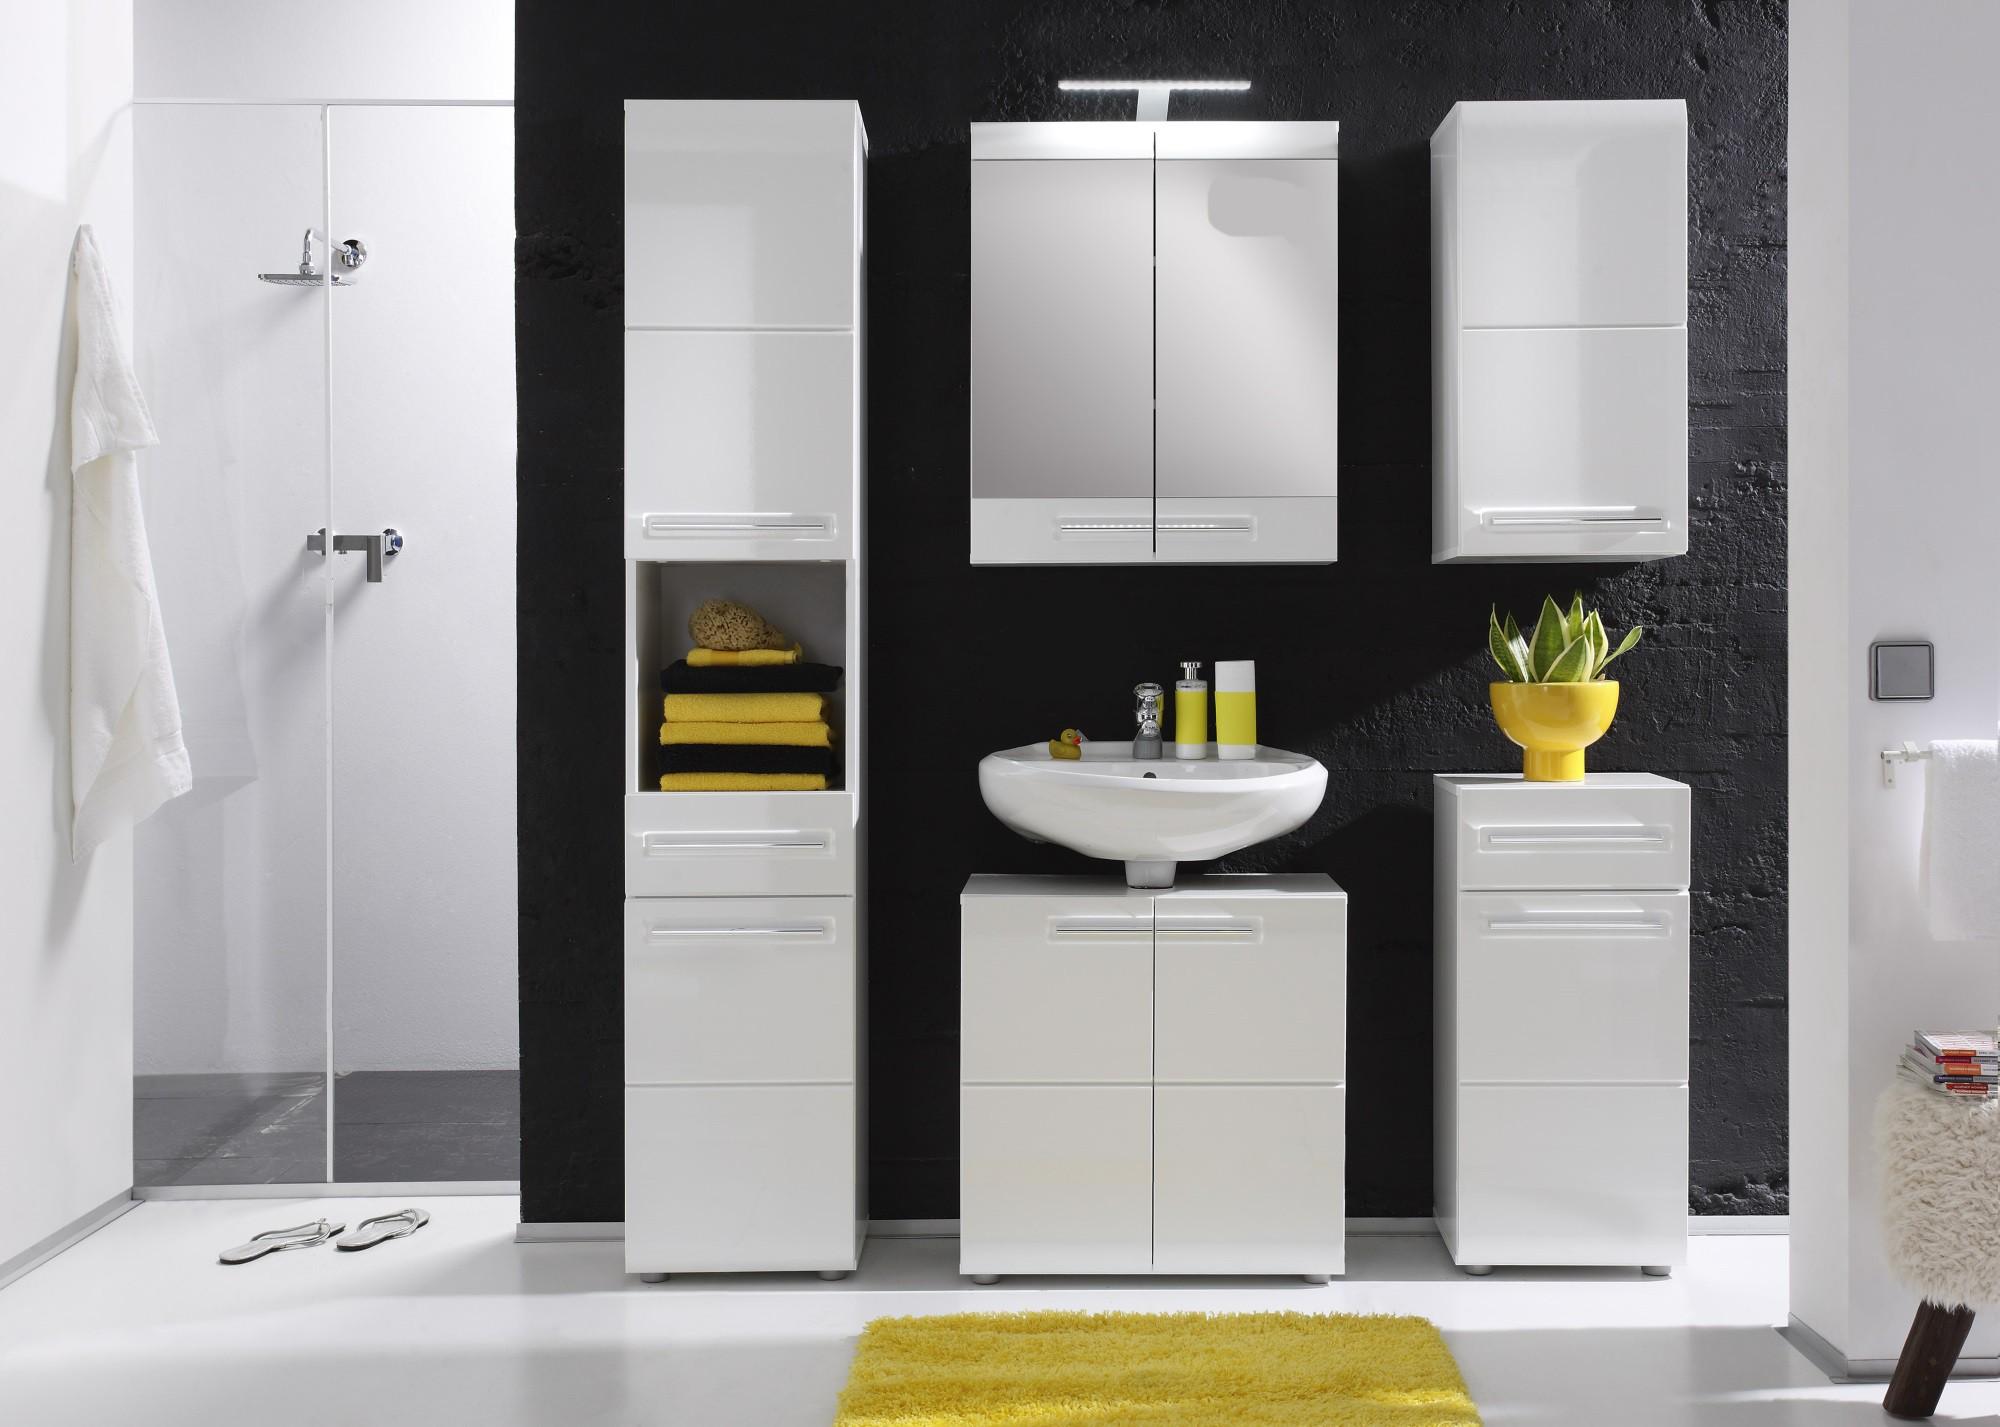 Les 5 accessoires indispensables pour avoir une salle de for Salle de bain online